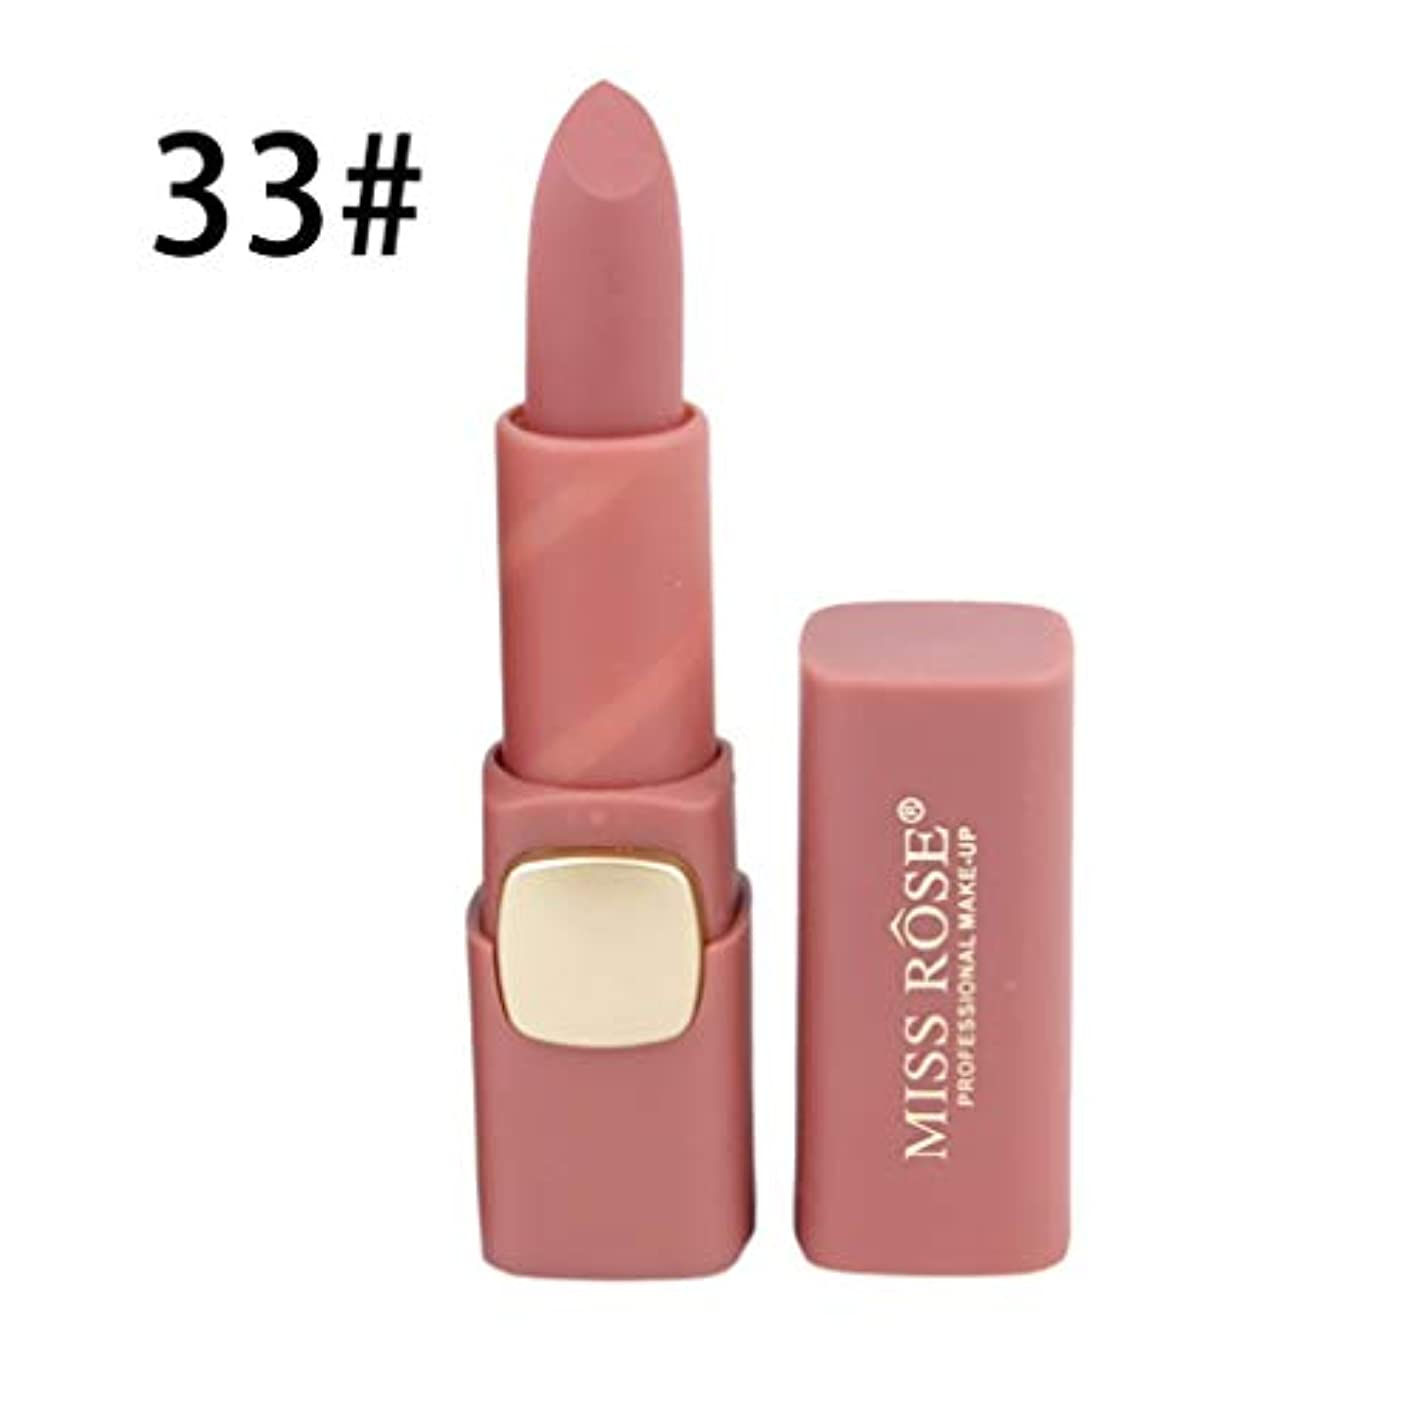 バドミントン反対するストライドリップスティックロングラスティング女性の唇のメイクアップ口紅を着用するコンパクトサイズのマットリップスティック防水栄養簡単